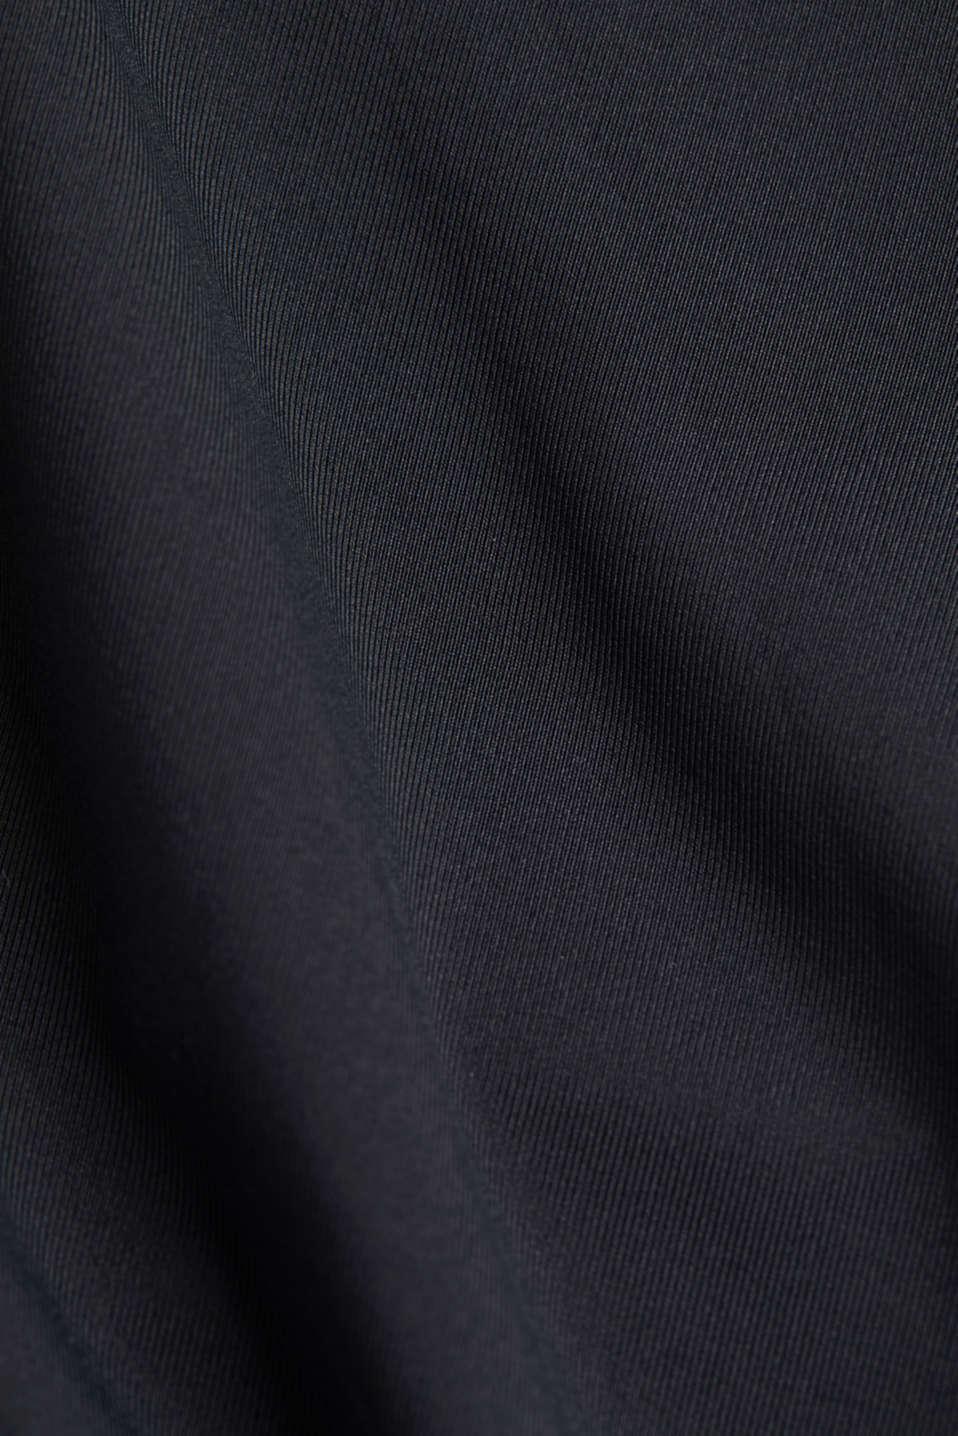 Active logo waistband leggings, E-DRY, BLACK, detail image number 4